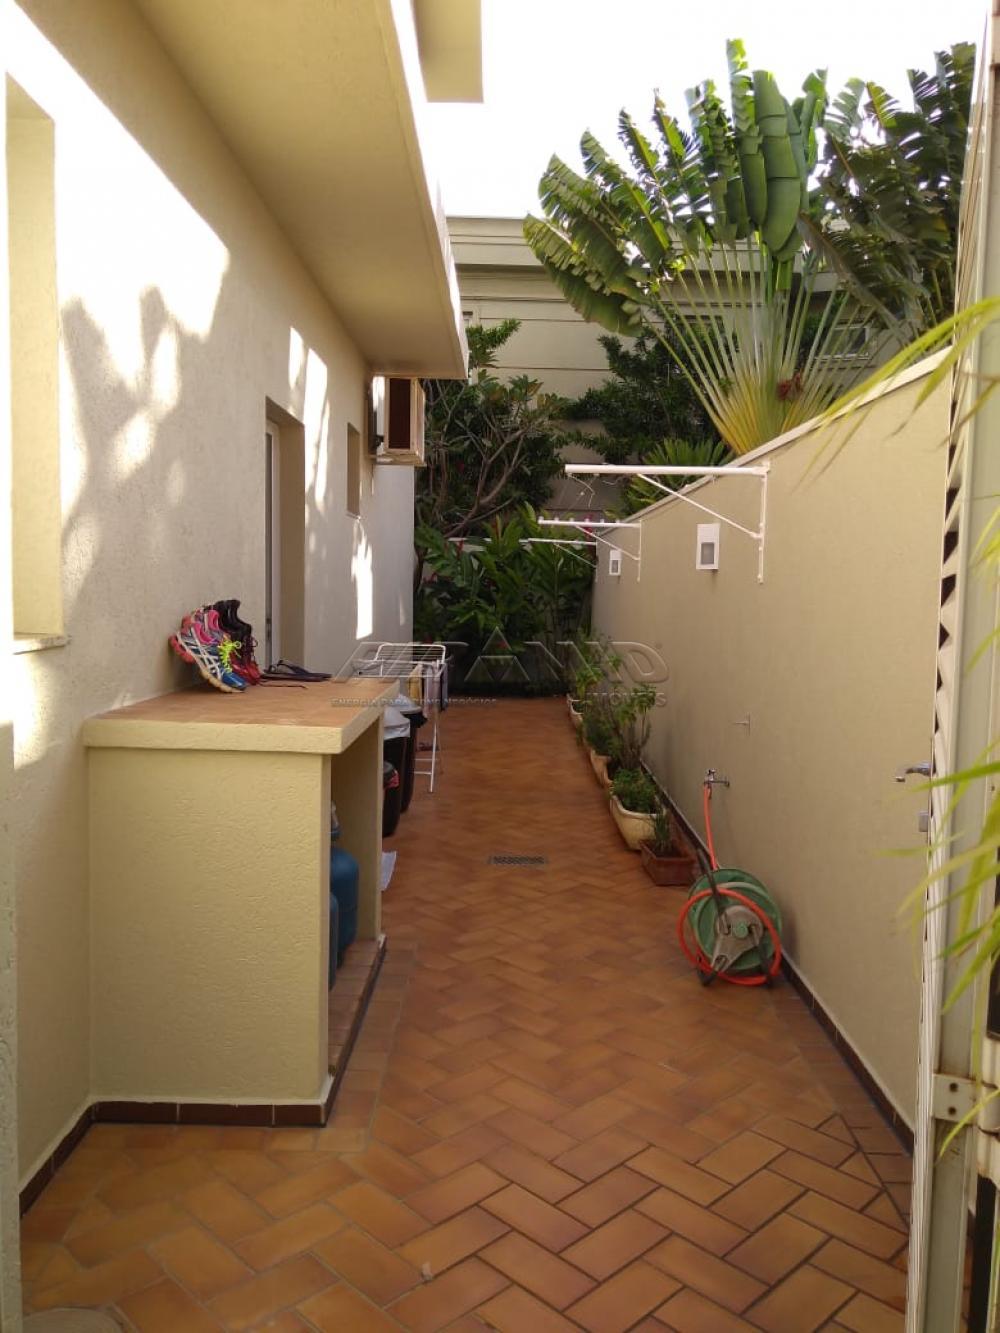 Comprar Casa / Condomínio em Ribeirão Preto R$ 2.330.000,00 - Foto 5